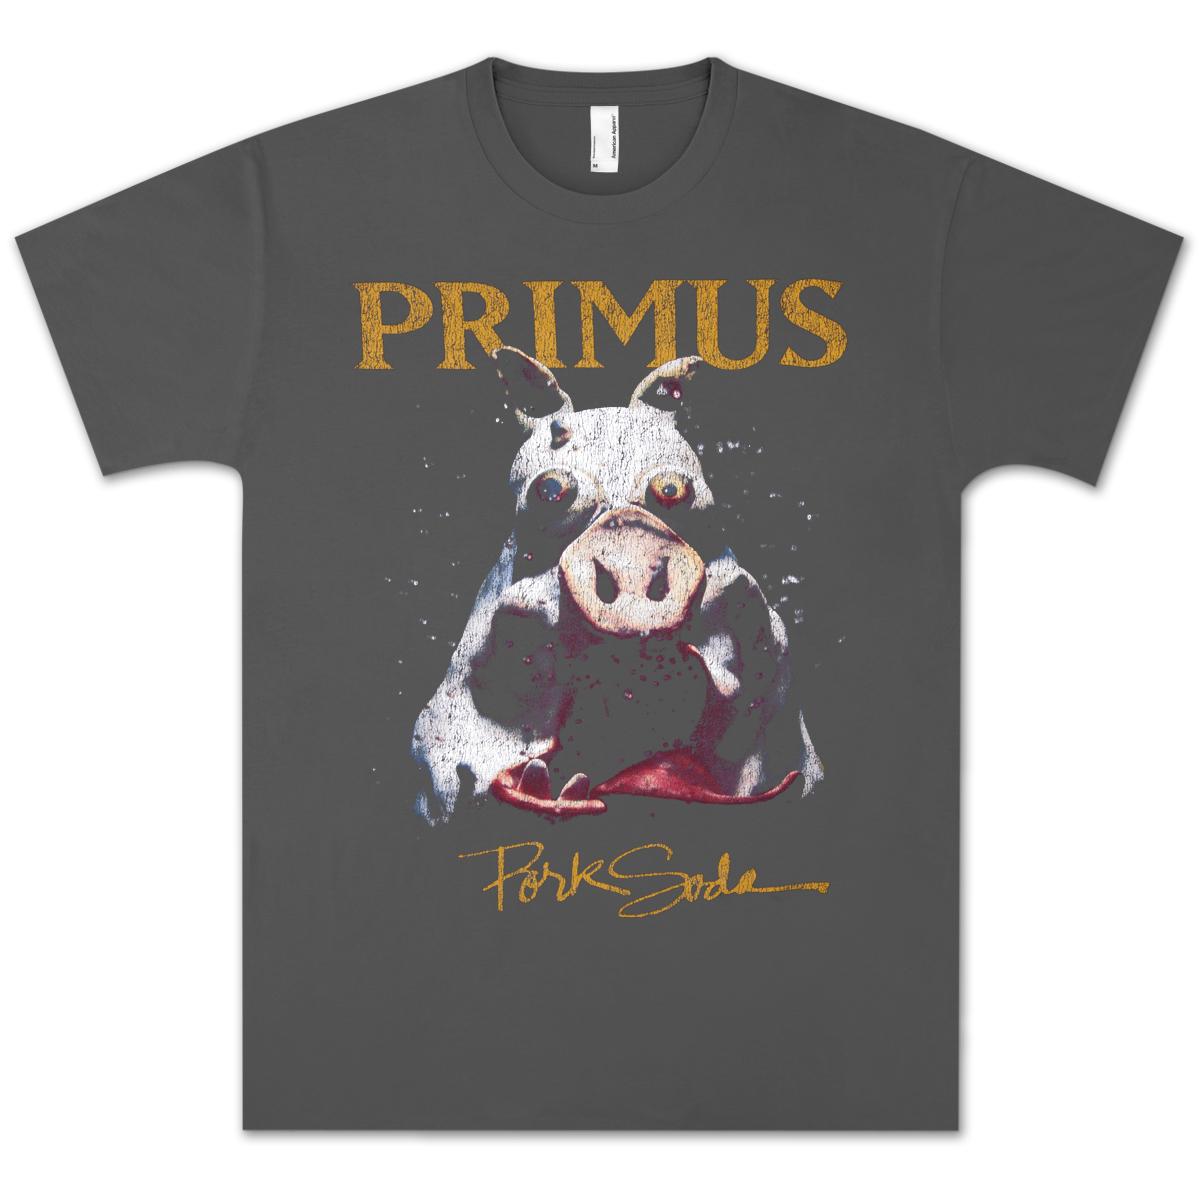 Primus Pork Soda Unisex T-shirt